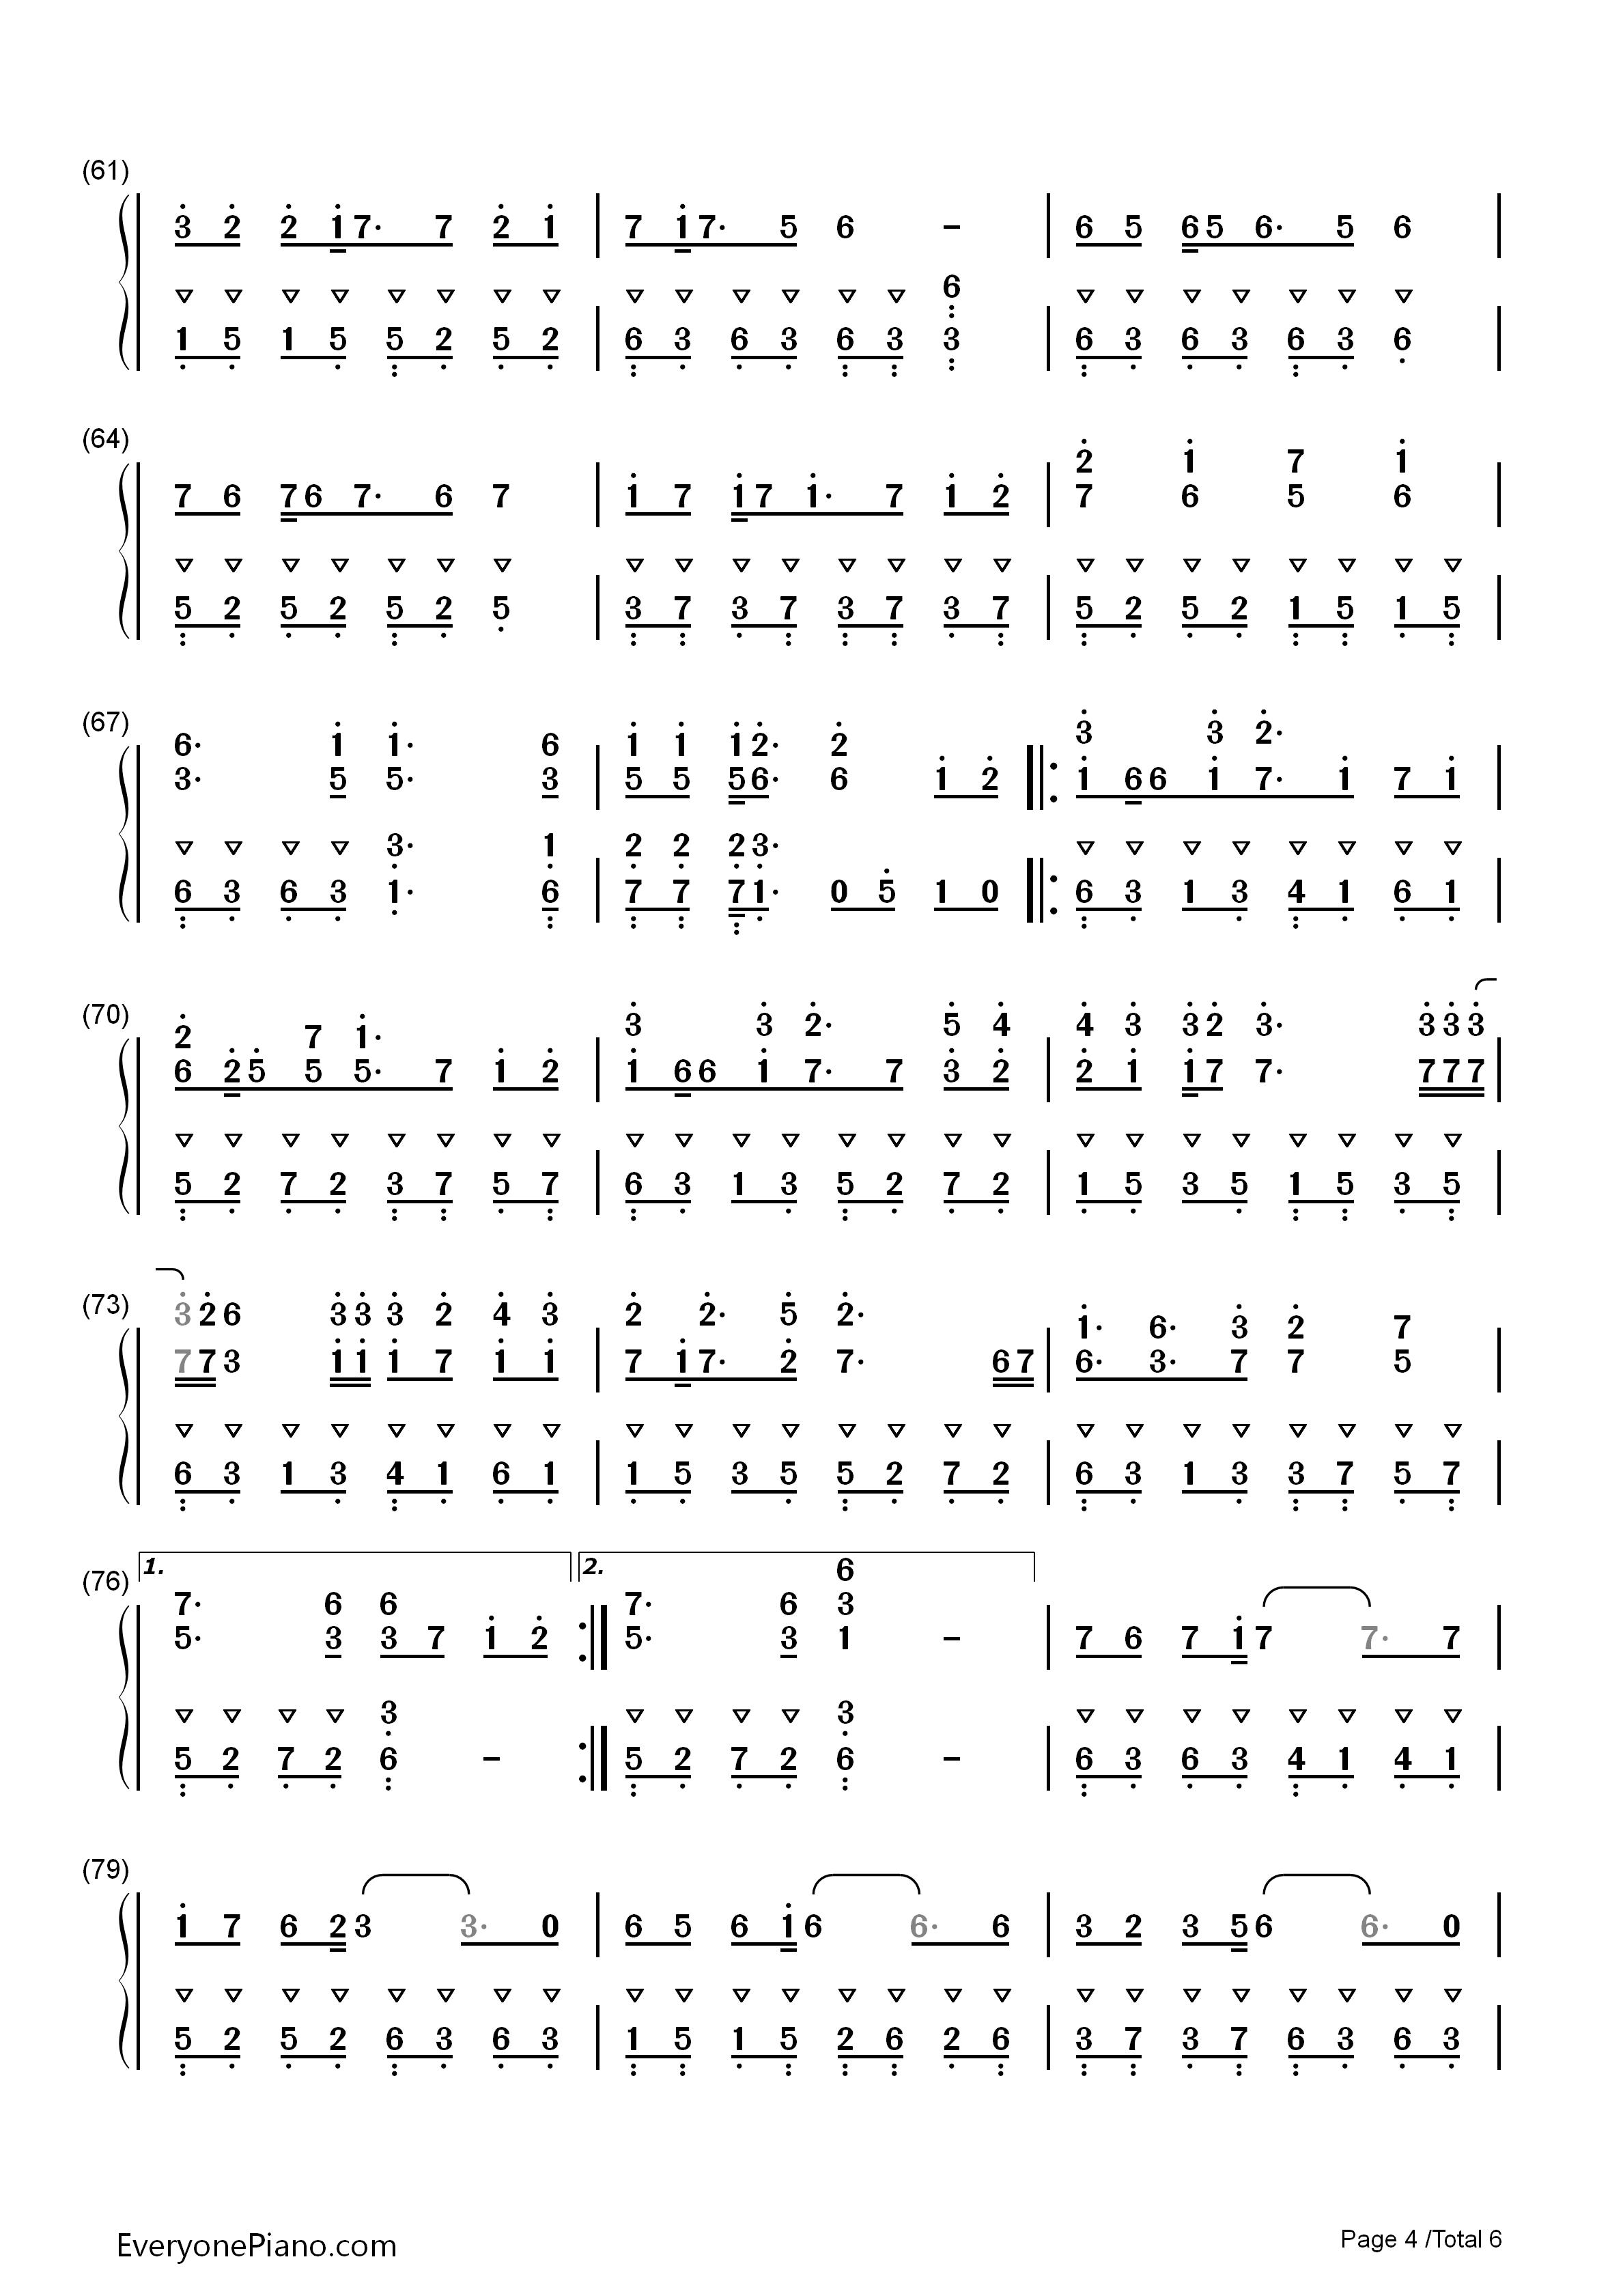 react-初音未来,镜音双子双手简谱预览4